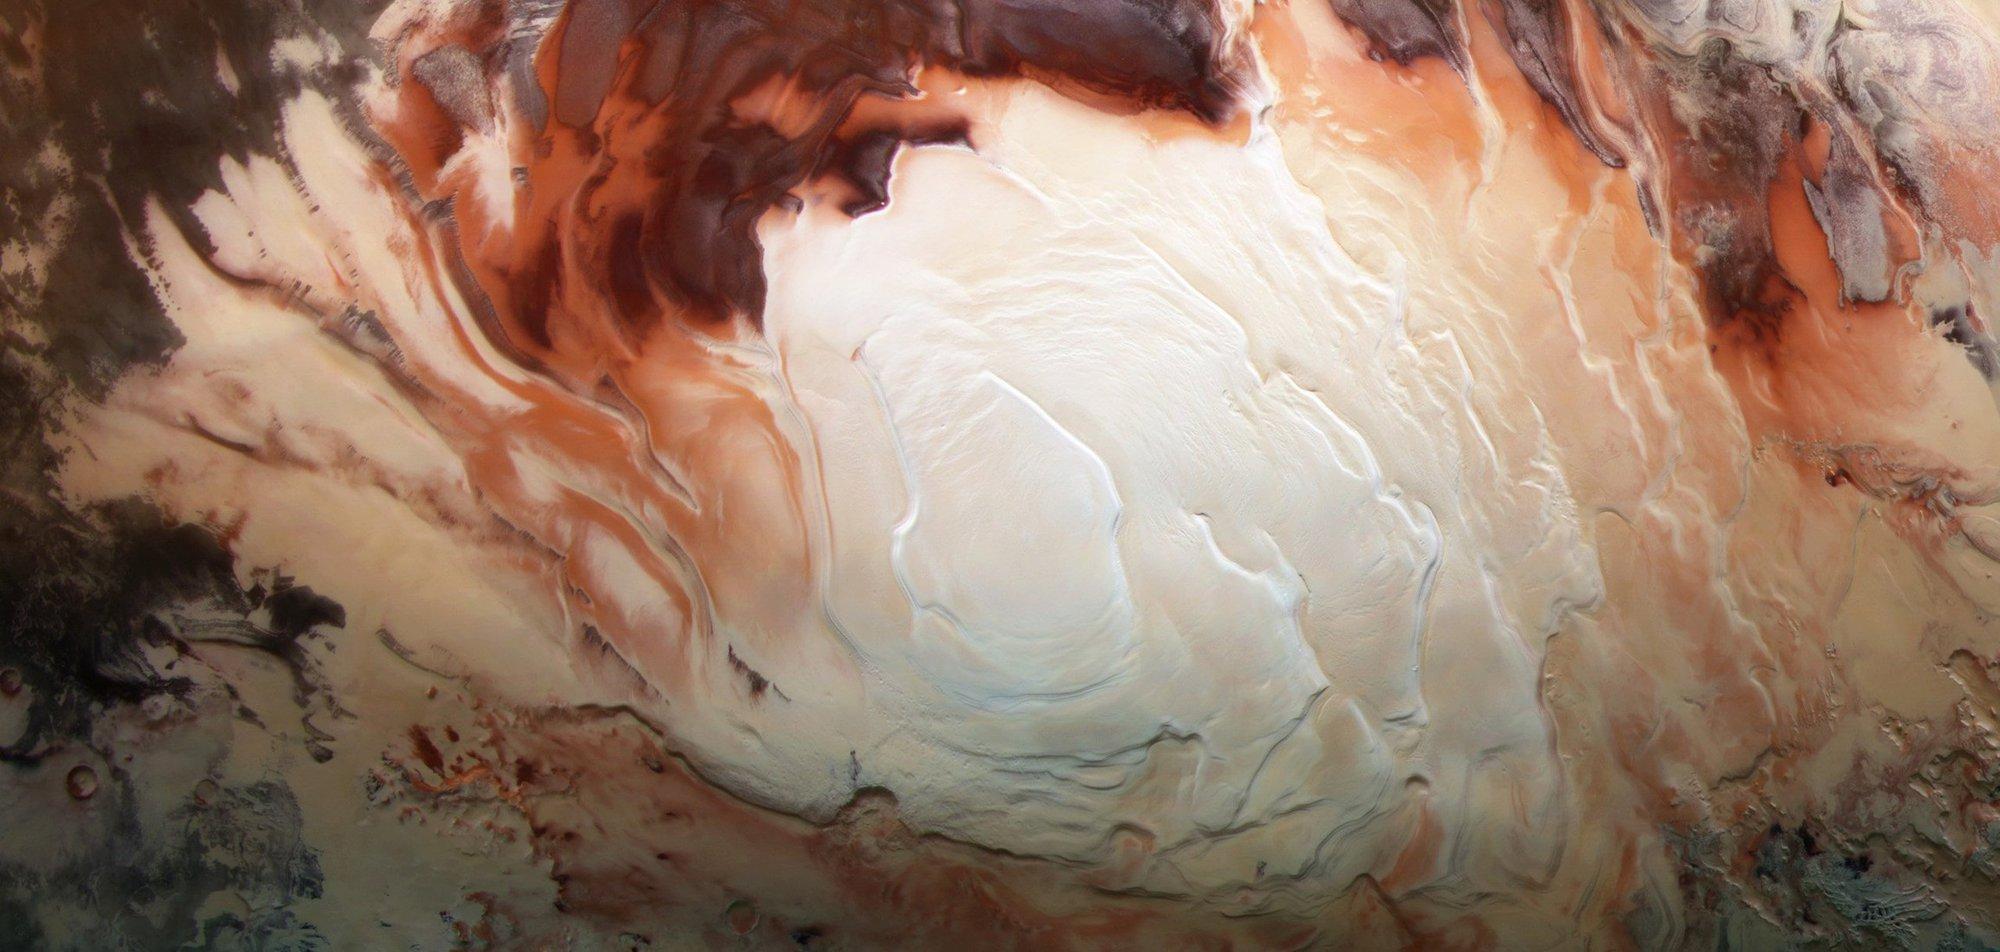 Під поверхнею Марса знайшли цілу мережу прихованих озер з рідкою водою - Червона планета, Сонячна система, позаземне життя, Марс - 29 mars